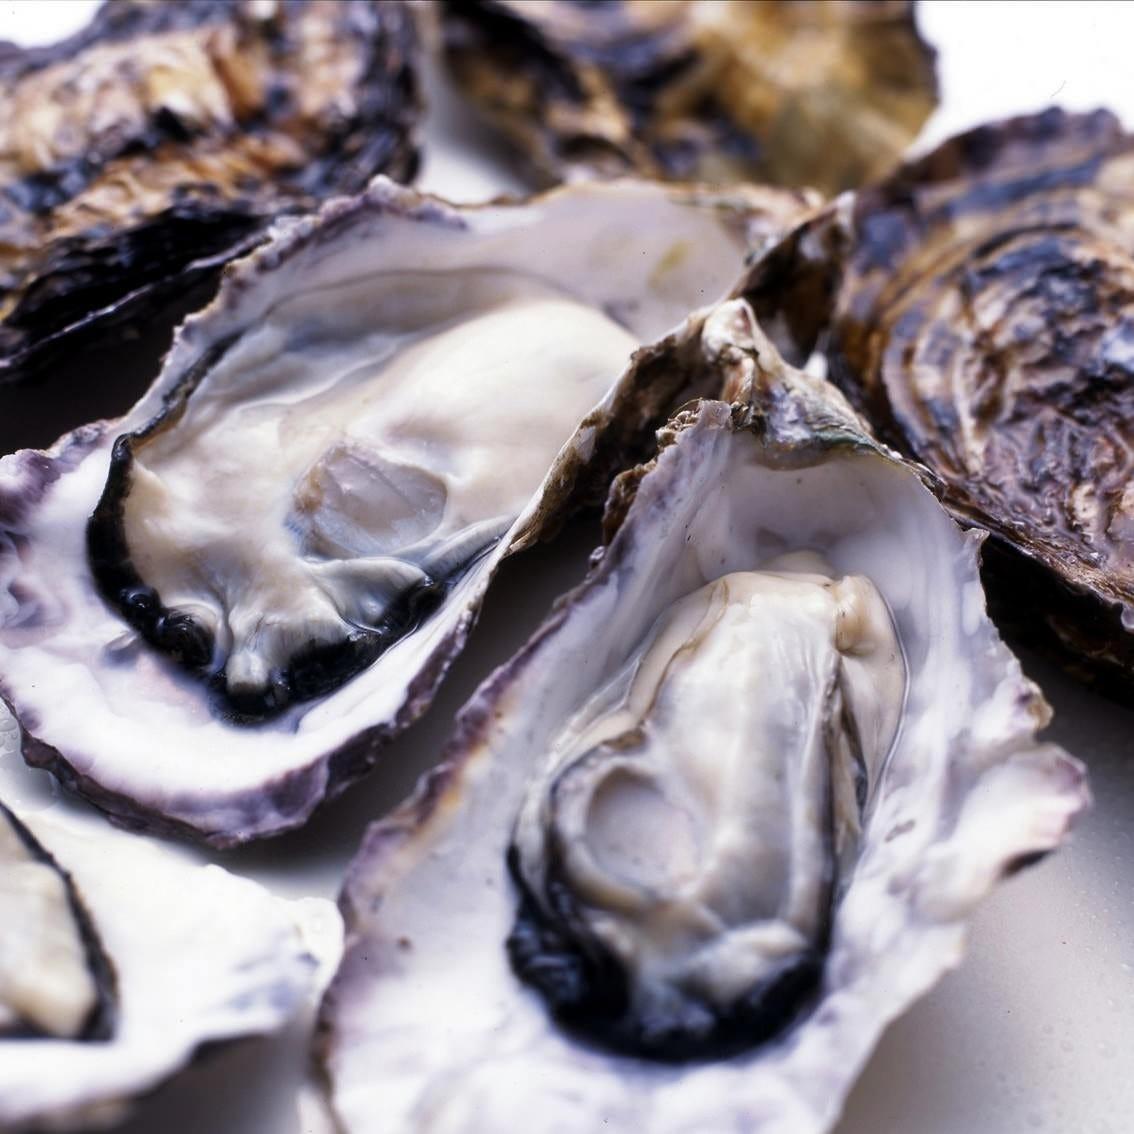 冬の風物詩【牡蠣】 こだわりの地酒と一緒に愉しむ。